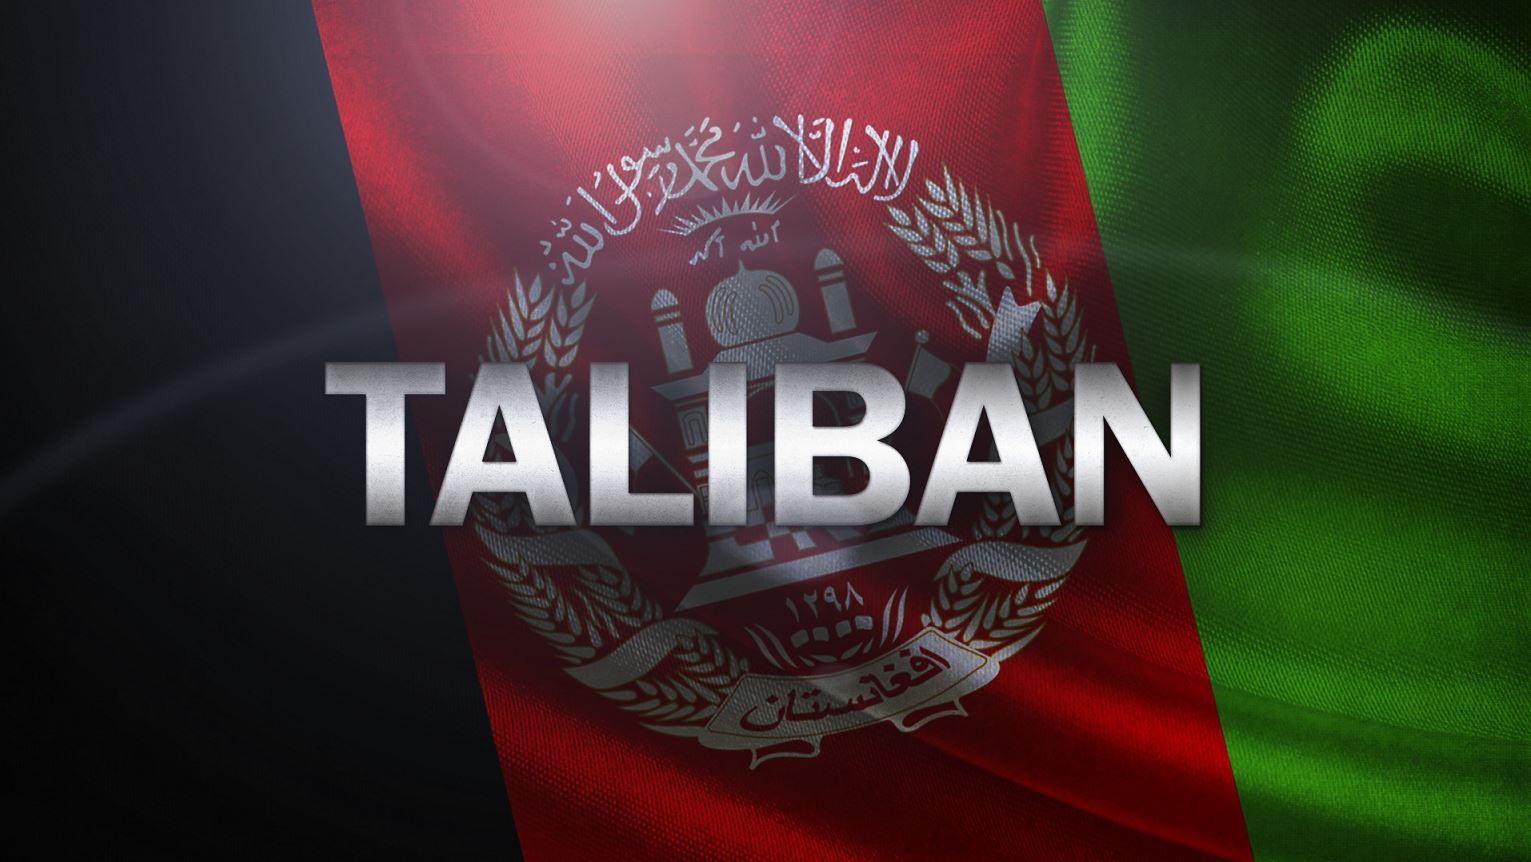 Taliban generic_1539526453967.JPG.jpg